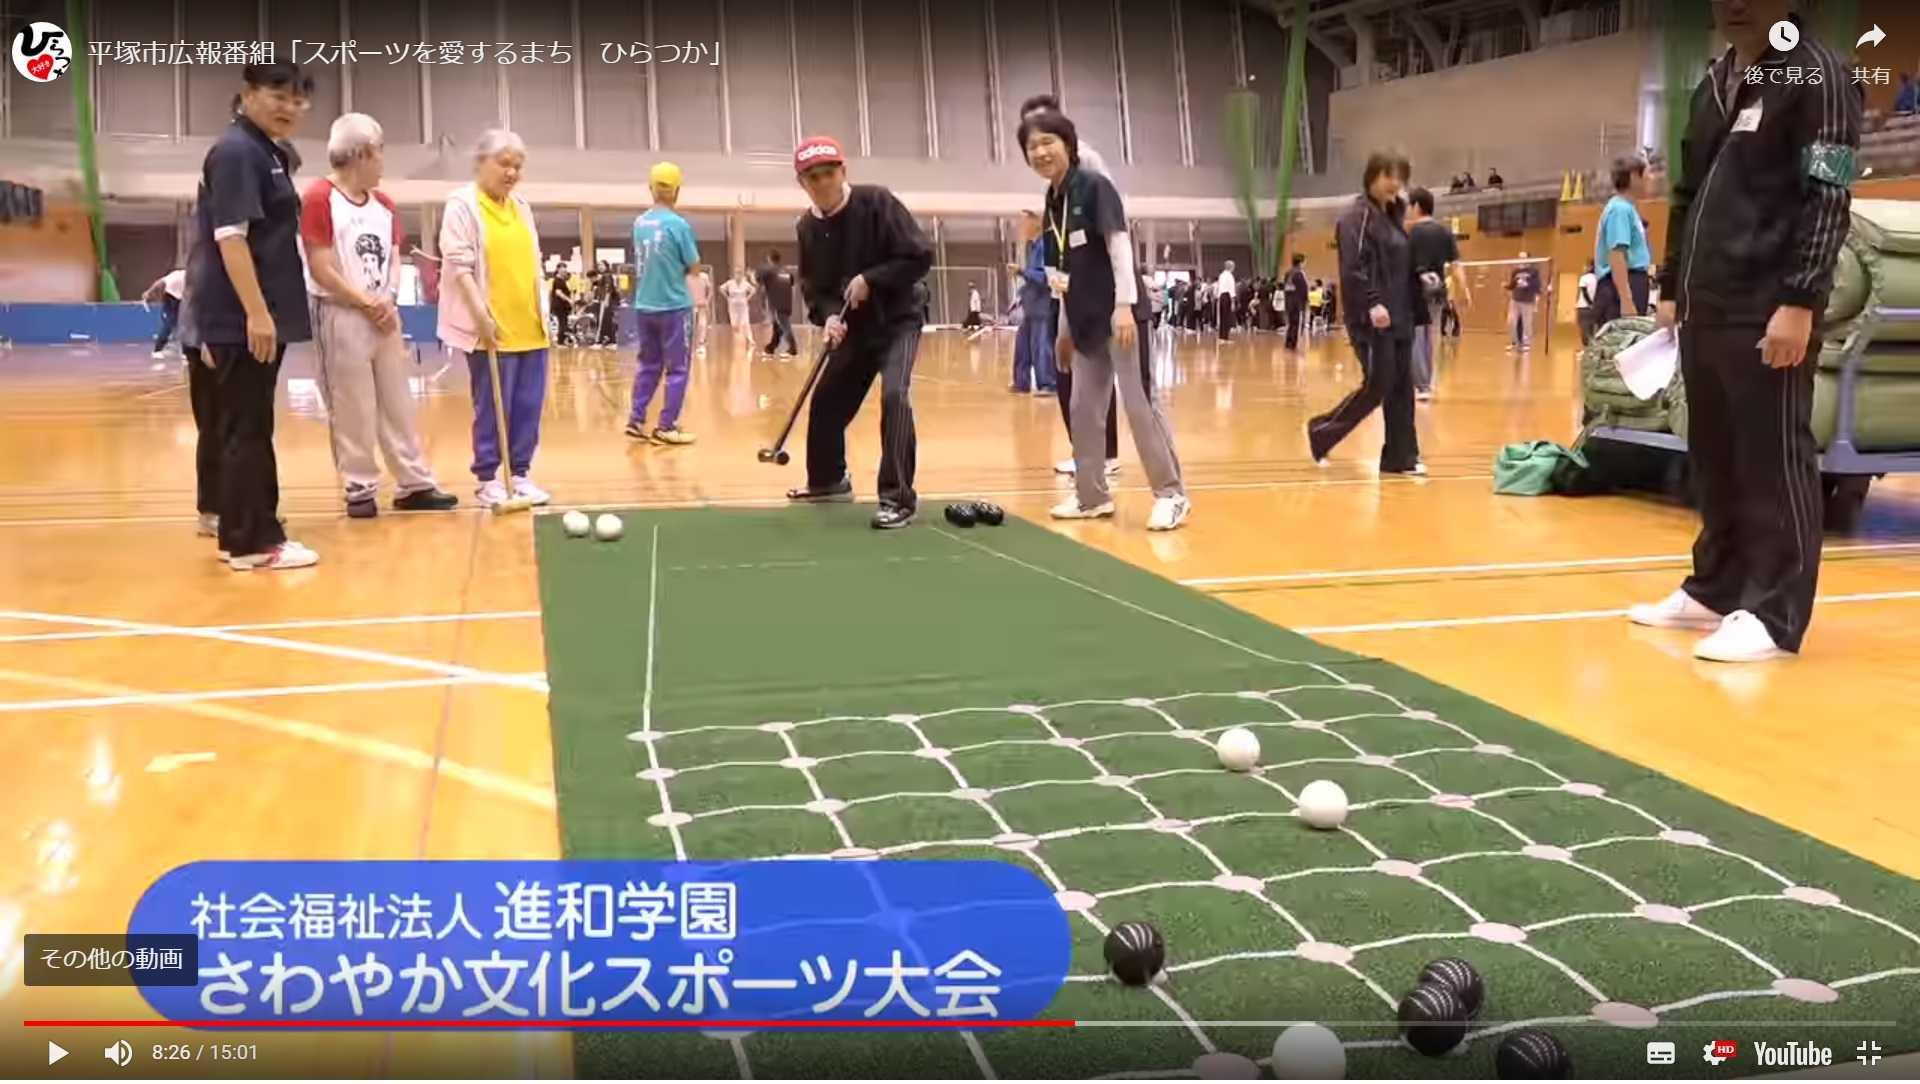 平塚市広報番組「スポーツを愛するまちひらつか」で進和学園の活動が紹介されました!